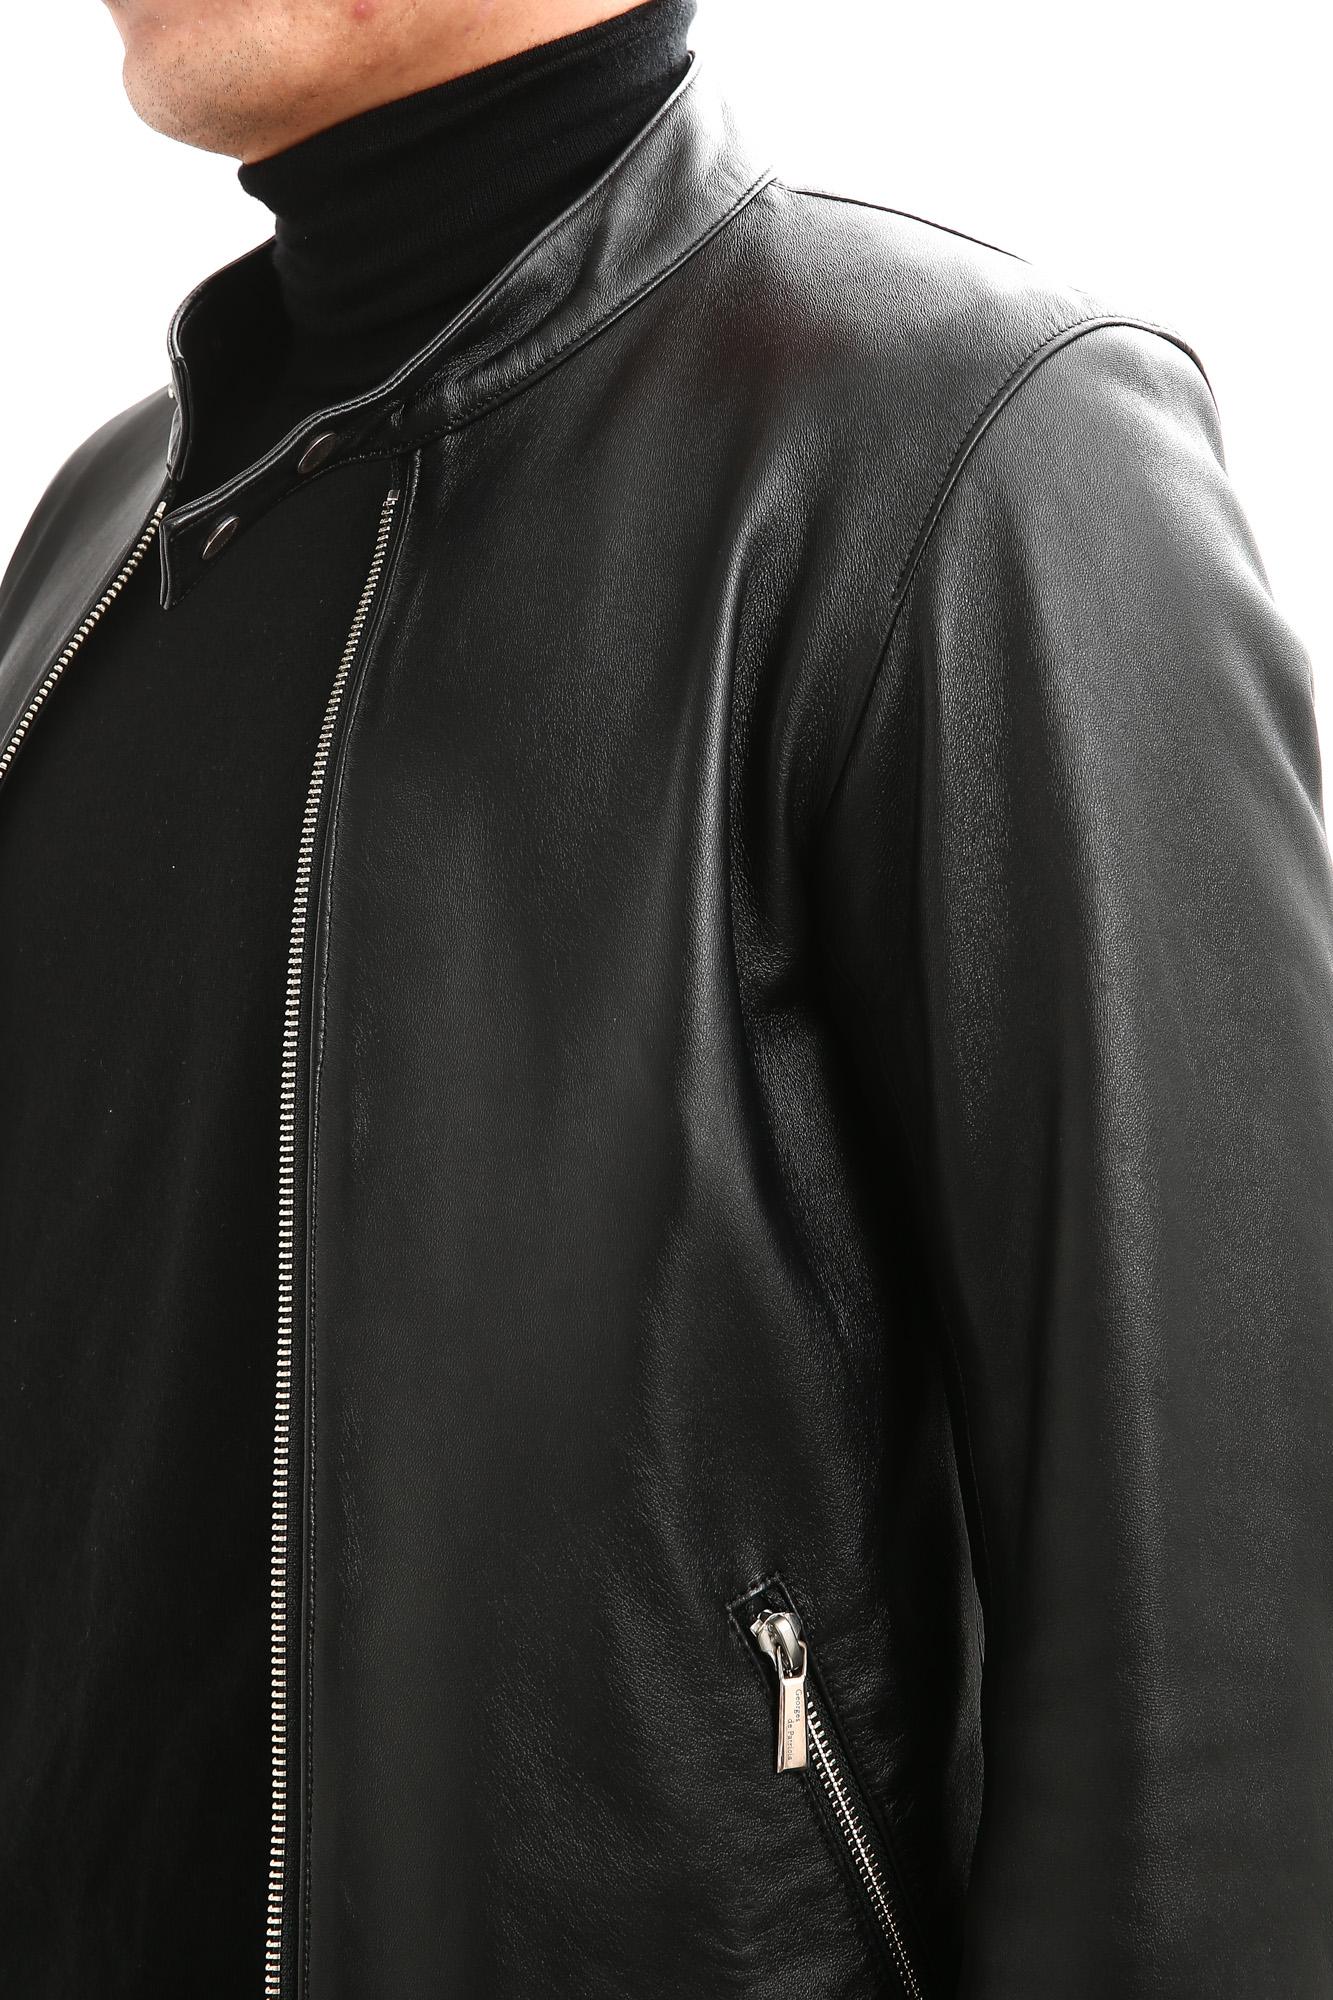 Georges de Patricia (ジョルジュ ド パトリシア) Carrera (カレラ) 925 STERLING SILVER (925 スターリングシルバー) Super Soft Sheepskin シングル ライダース ジャケット NOIR (ブラック) 2018 秋冬新作 georgesdepatricia ジョルジュドパトリシア カレラ ポルシェ 愛知 alto e diritto アルトエデリット altoediritto